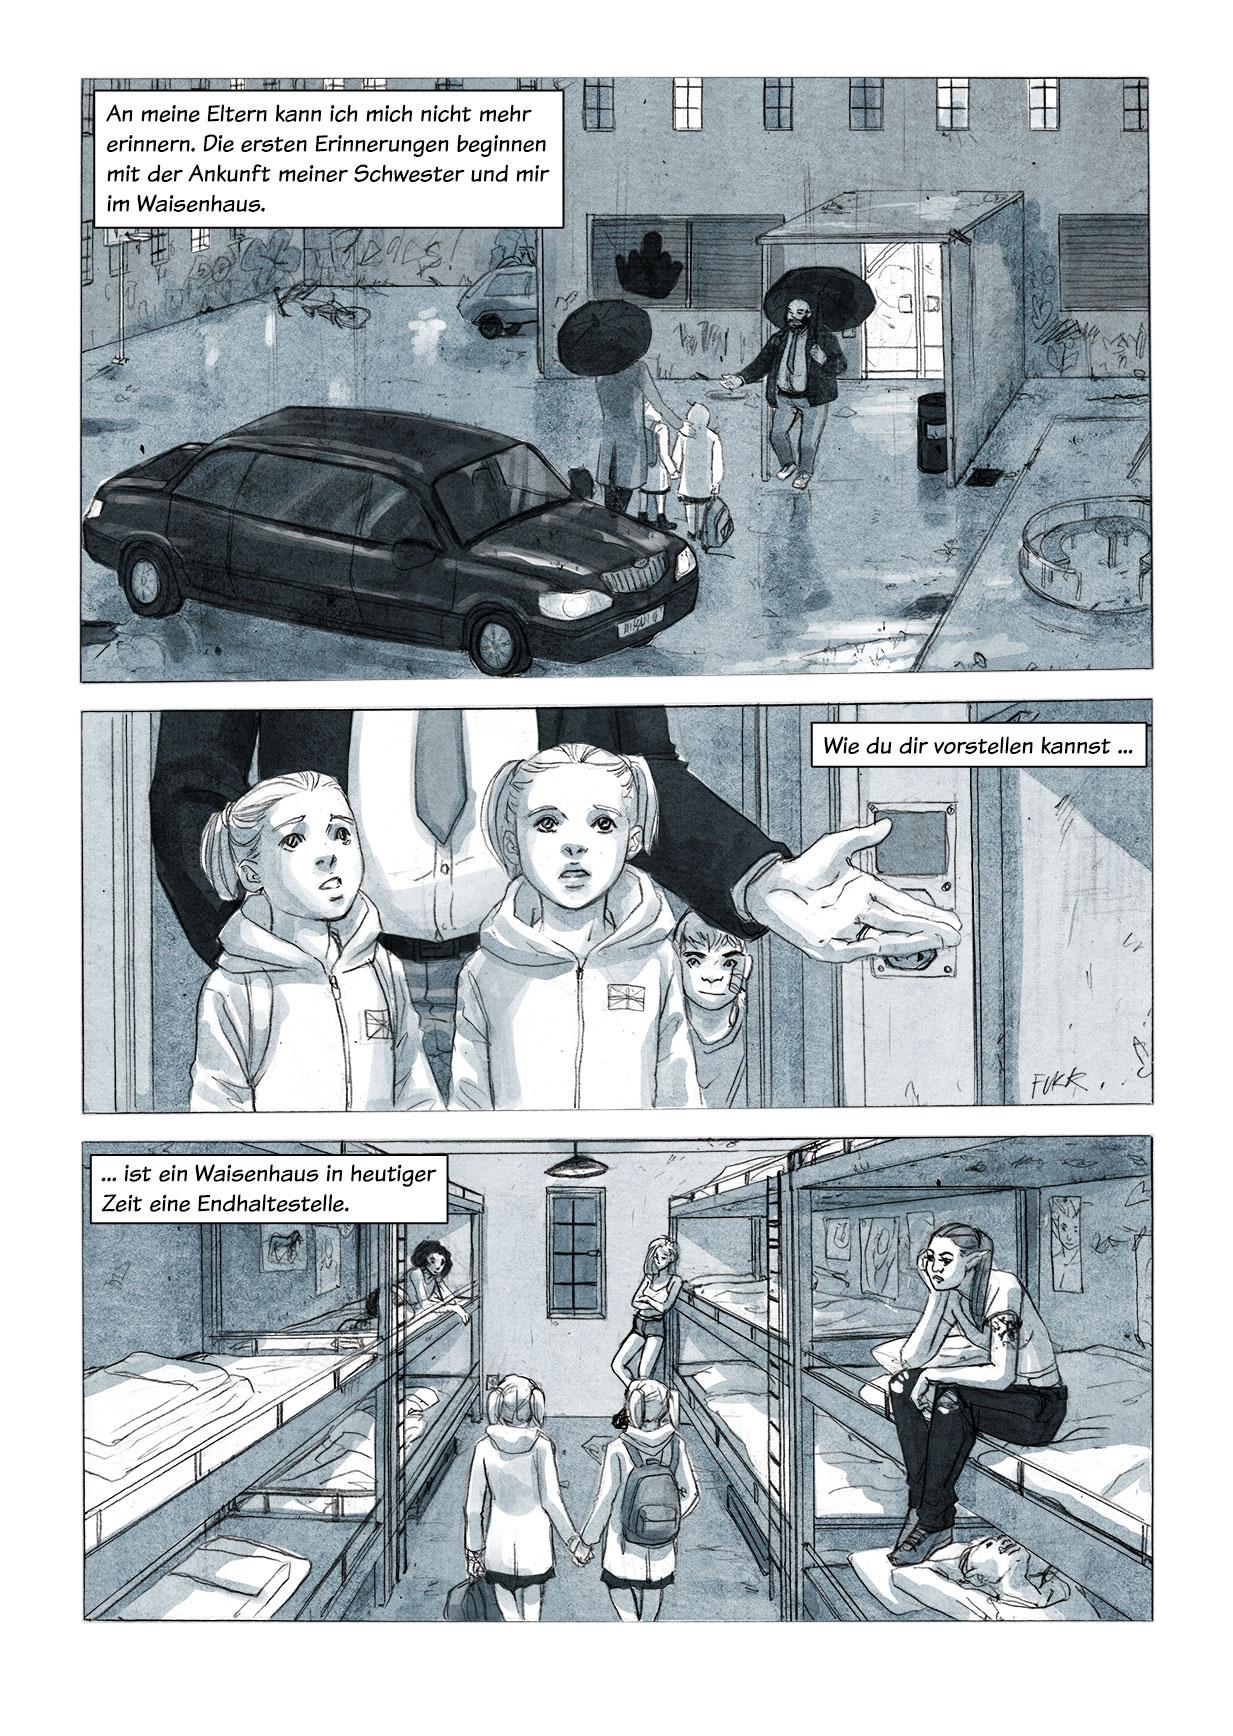 Buch 01, Spezial 02 – Seite 06